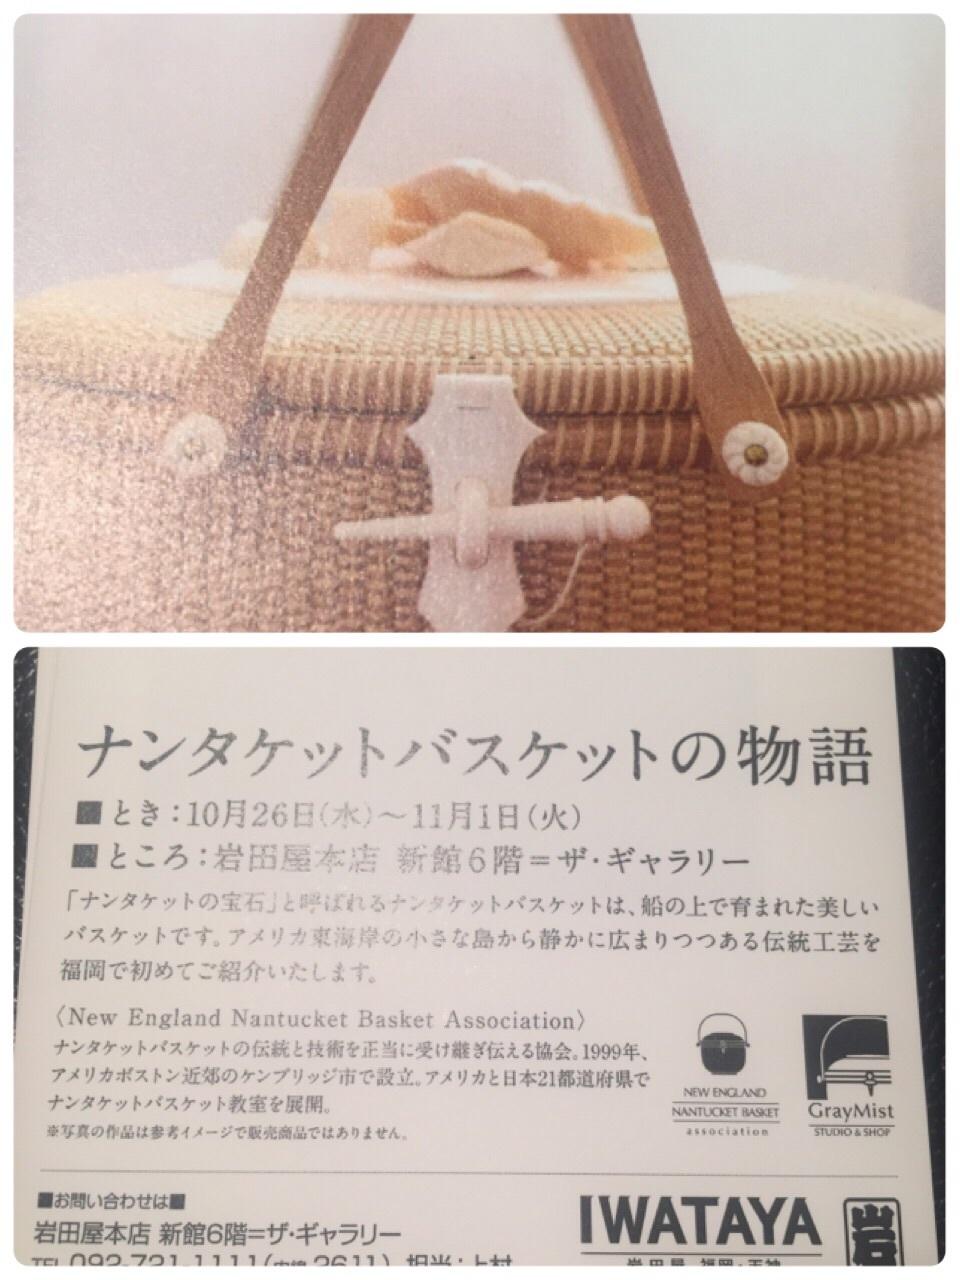 ナンタケットバスケットの物語(福岡岩田屋)_c0366777_23201486.jpg